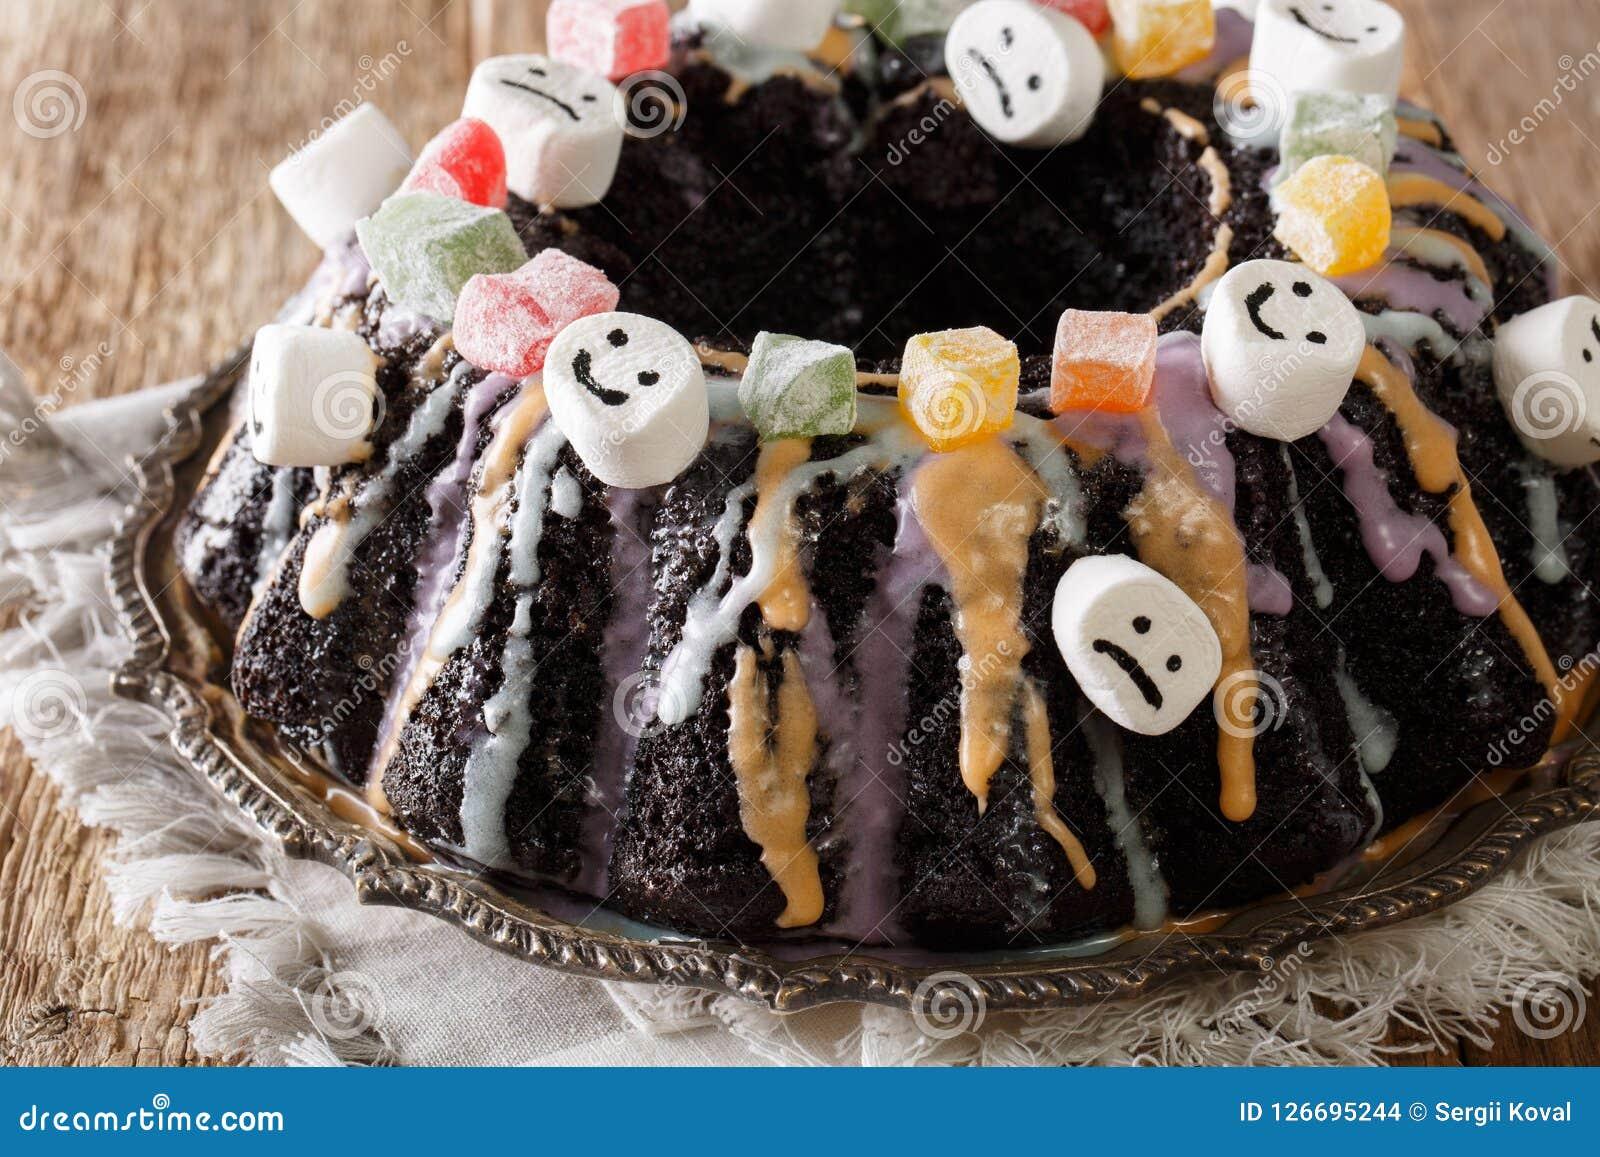 halloween dessert: dark bundt cake with candied fruits, marshmal